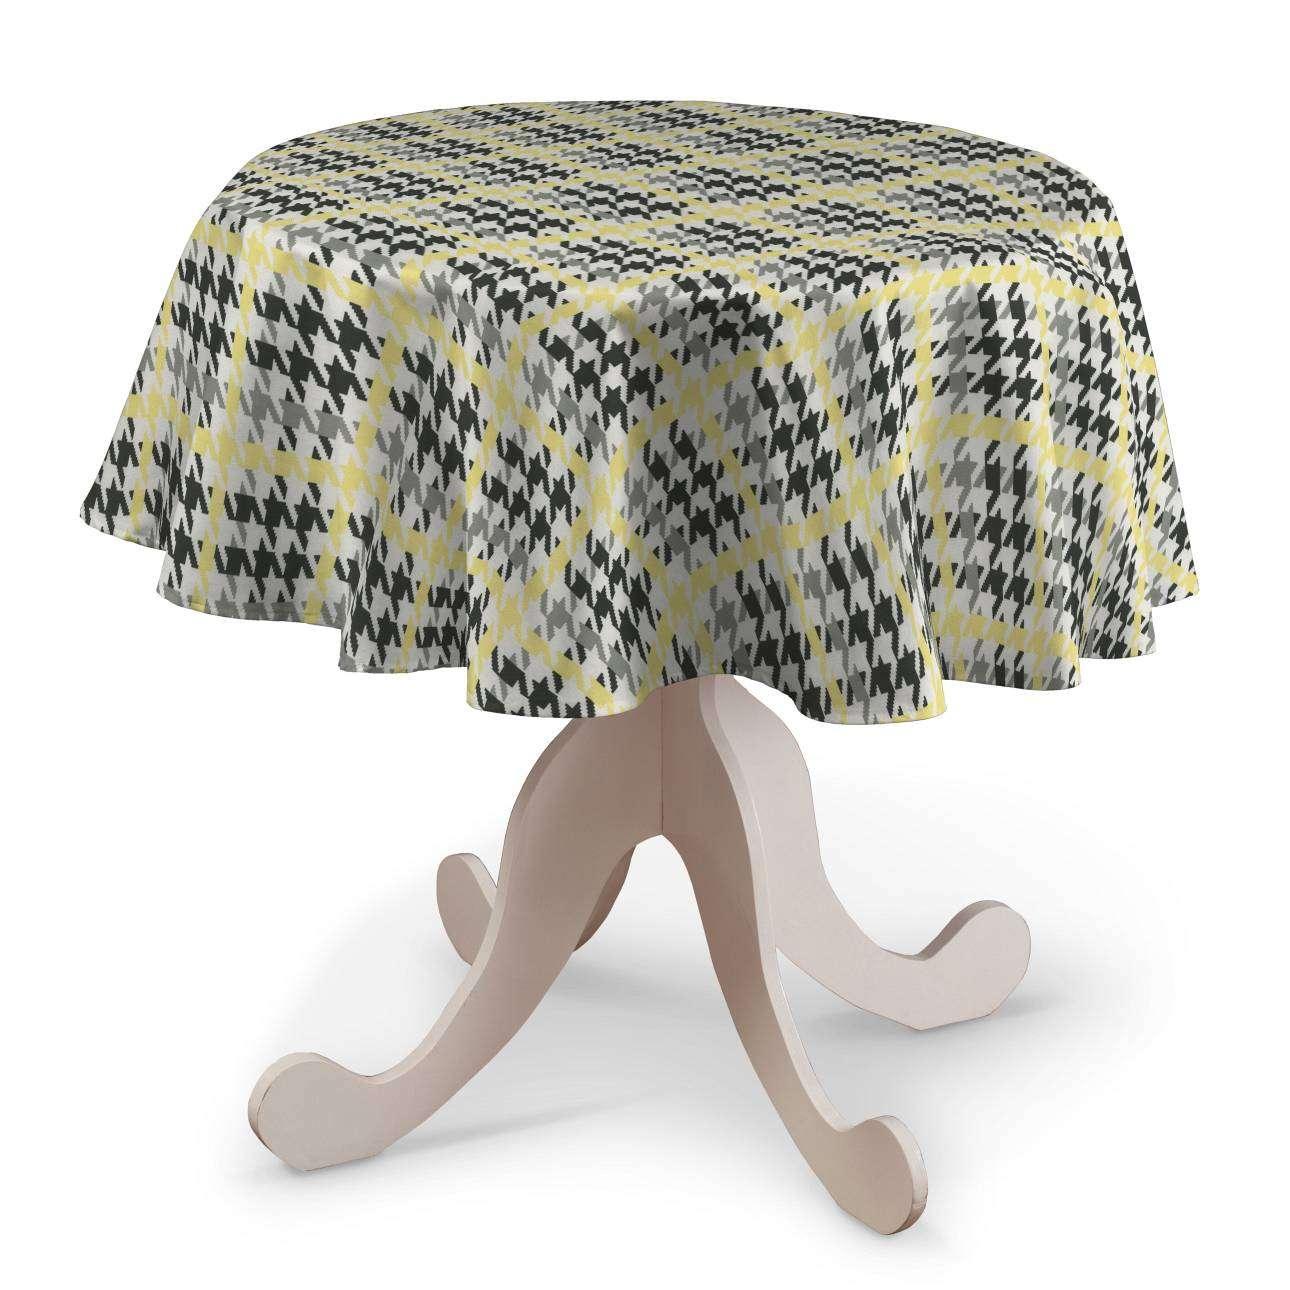 Runde Tischdecke Ø 135 cm von der Kollektion Brooklyn, Stoff: 137-79